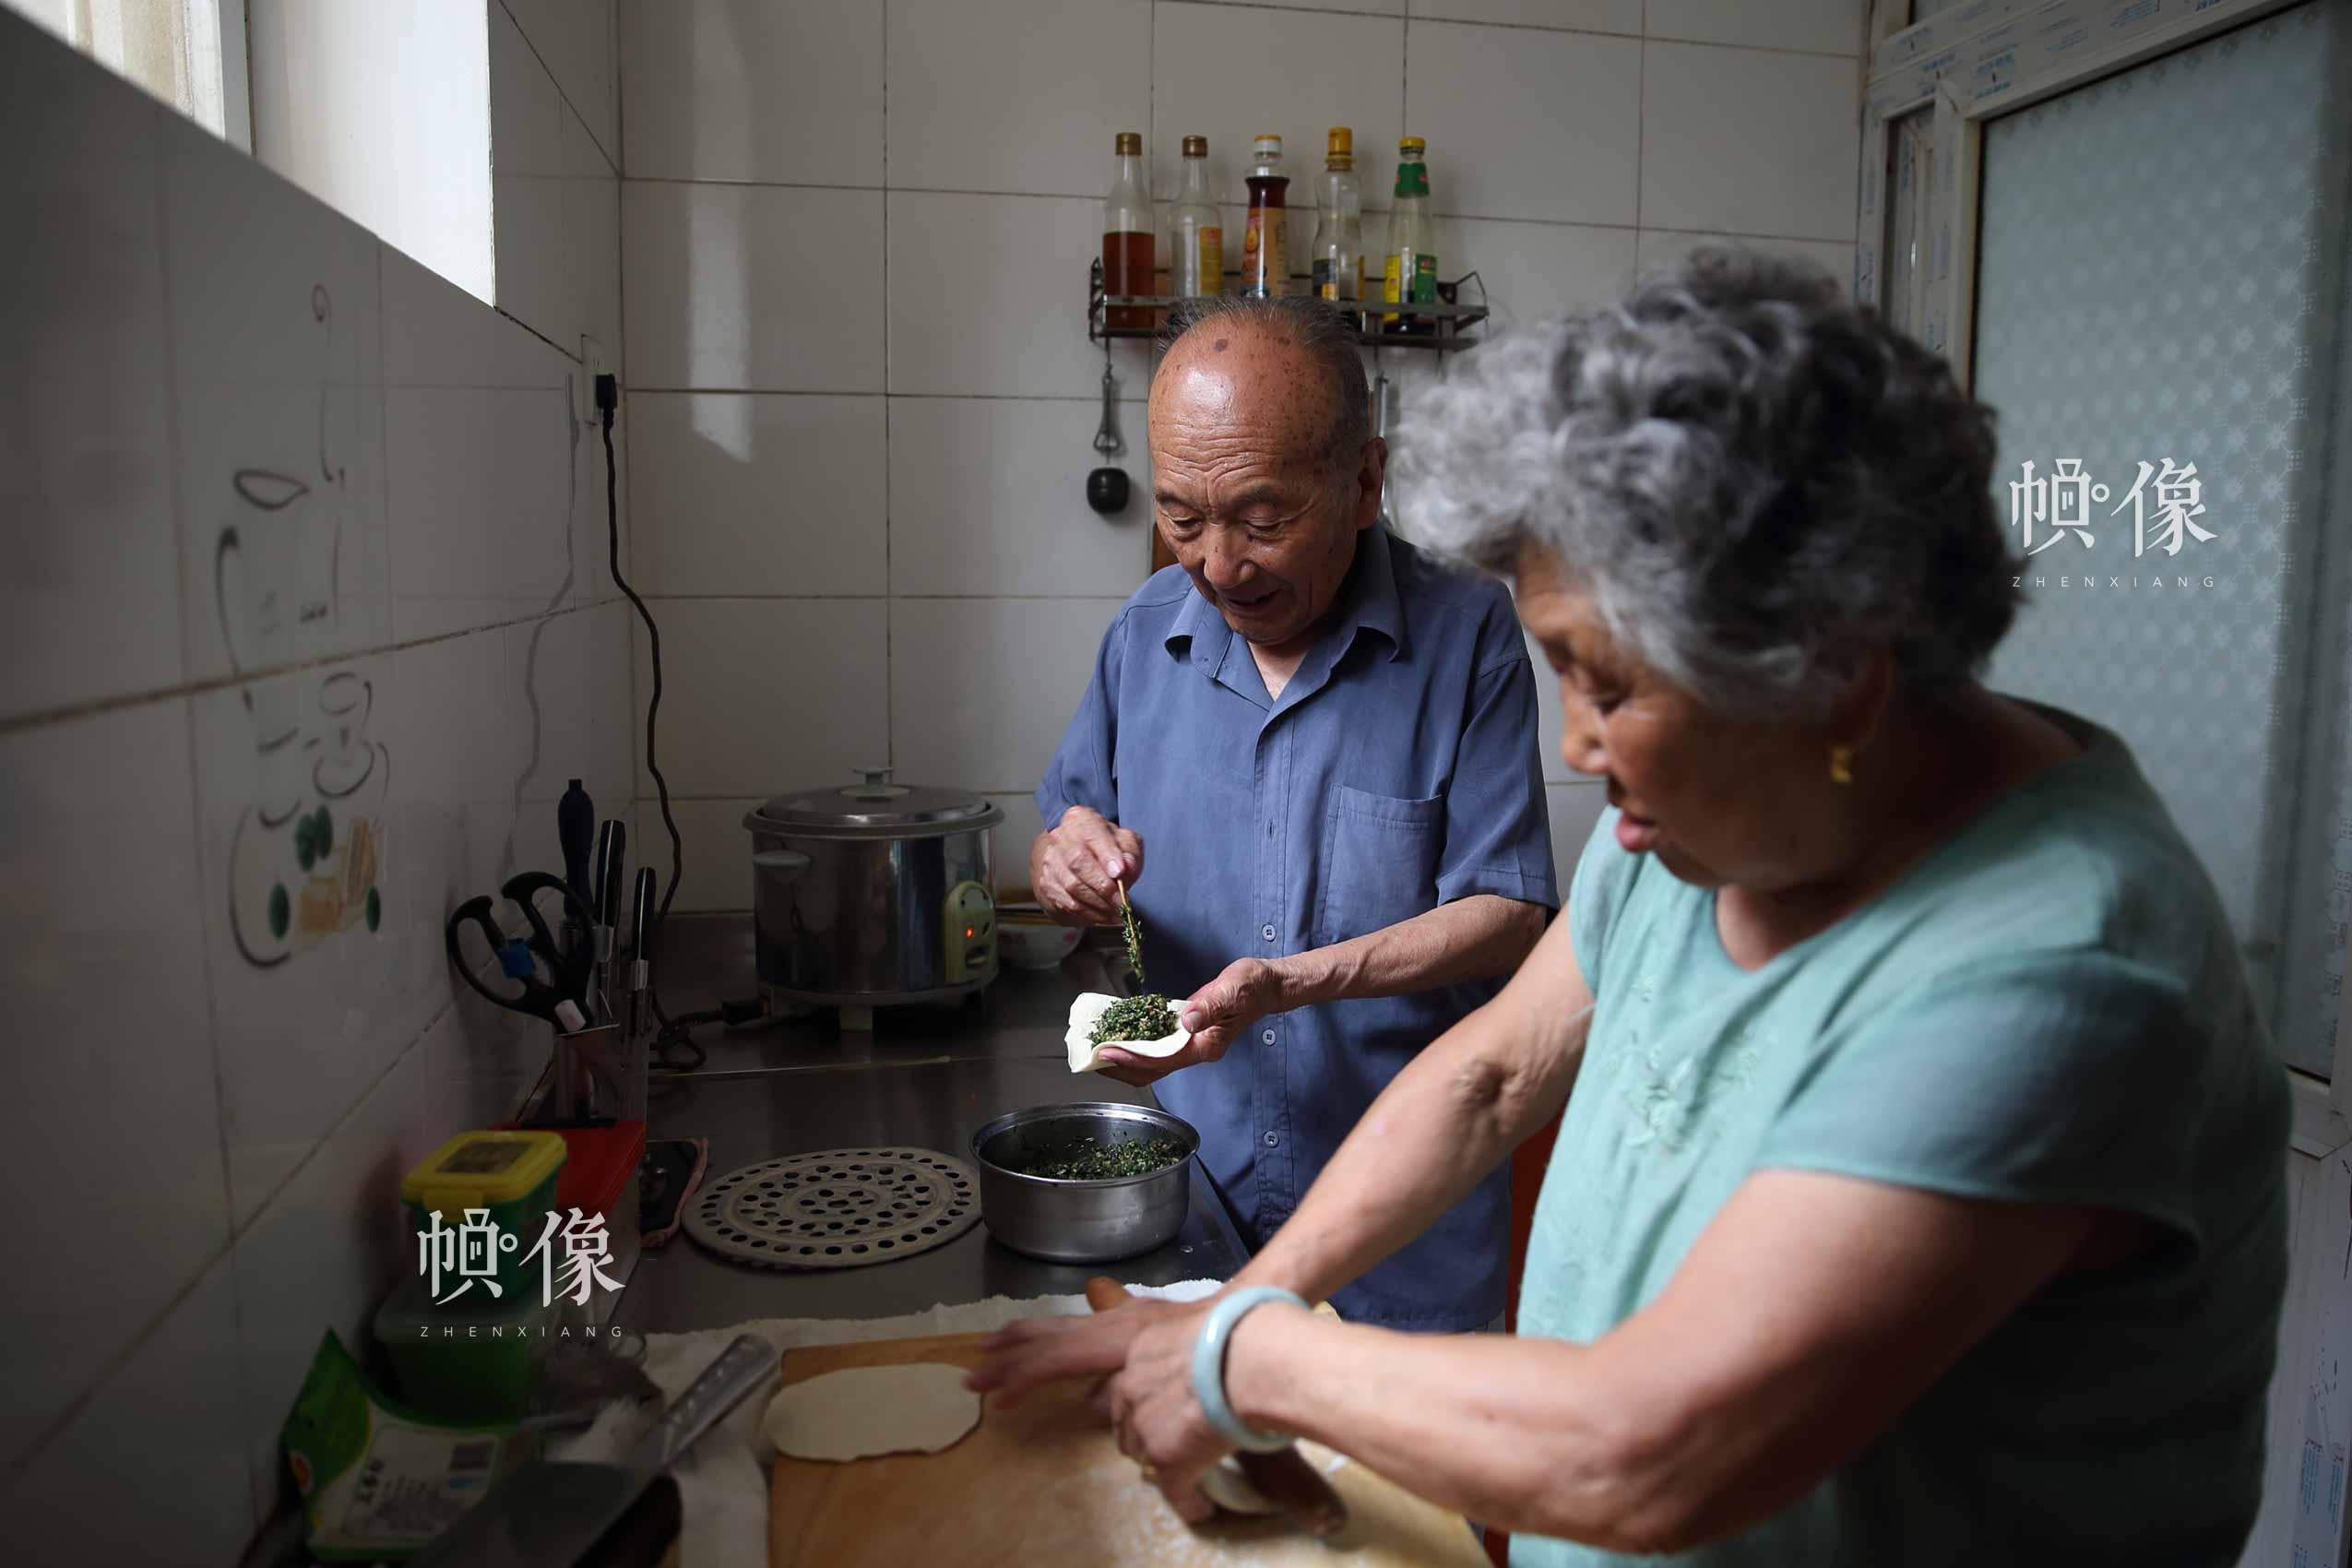 郑福来和老伴儿李春生在家中准备午饭。中国网陈维松 摄